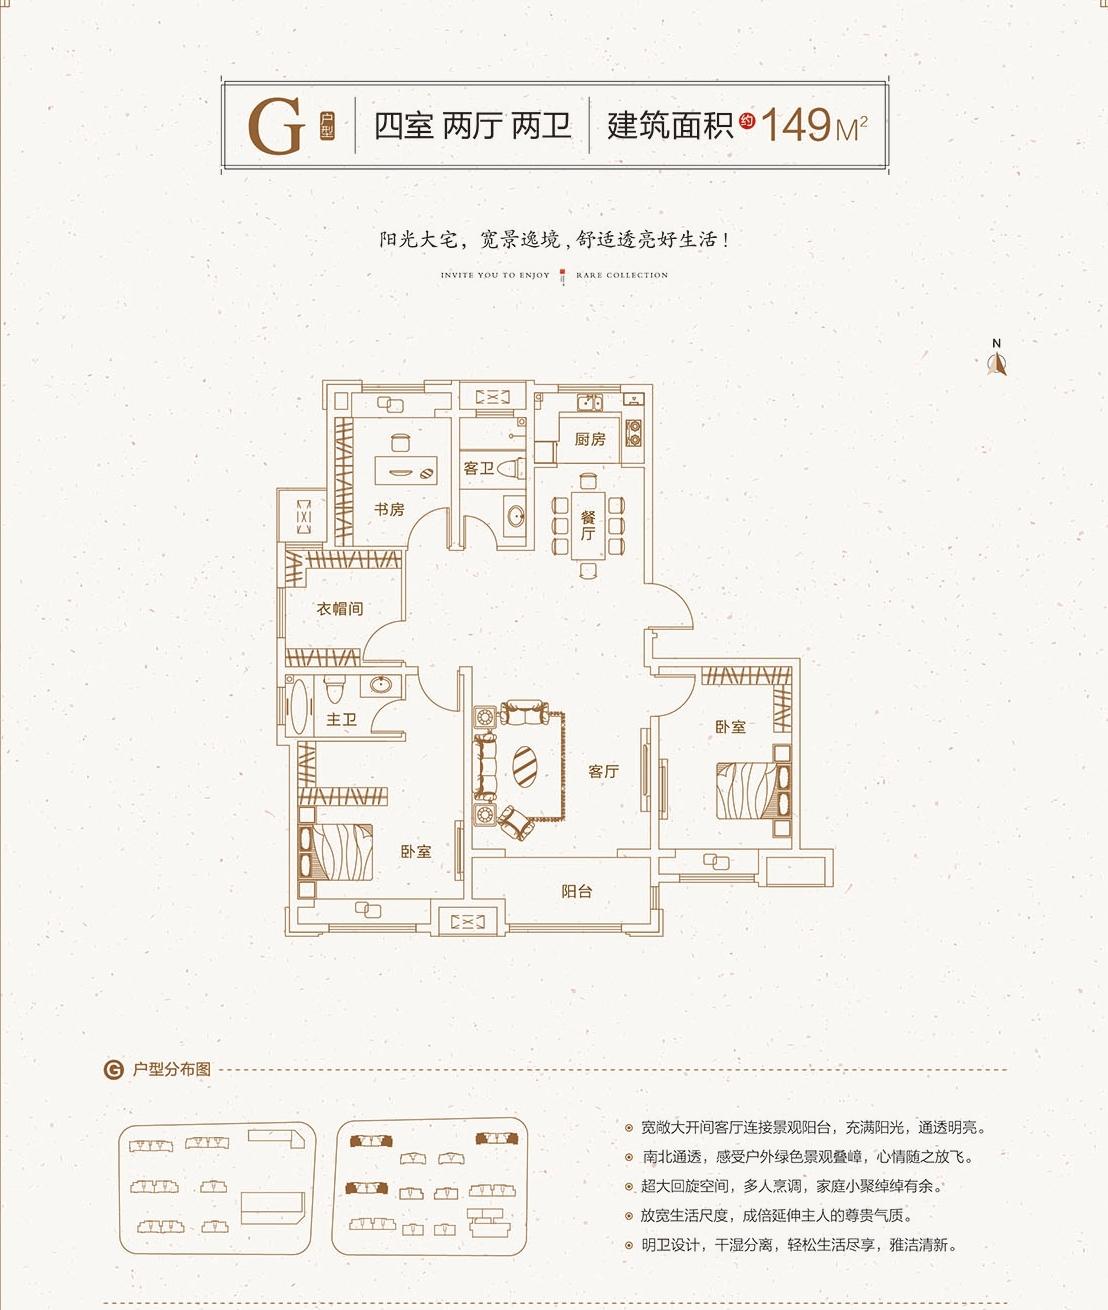 新盛上和园G 户型149㎡四室两厅两卫